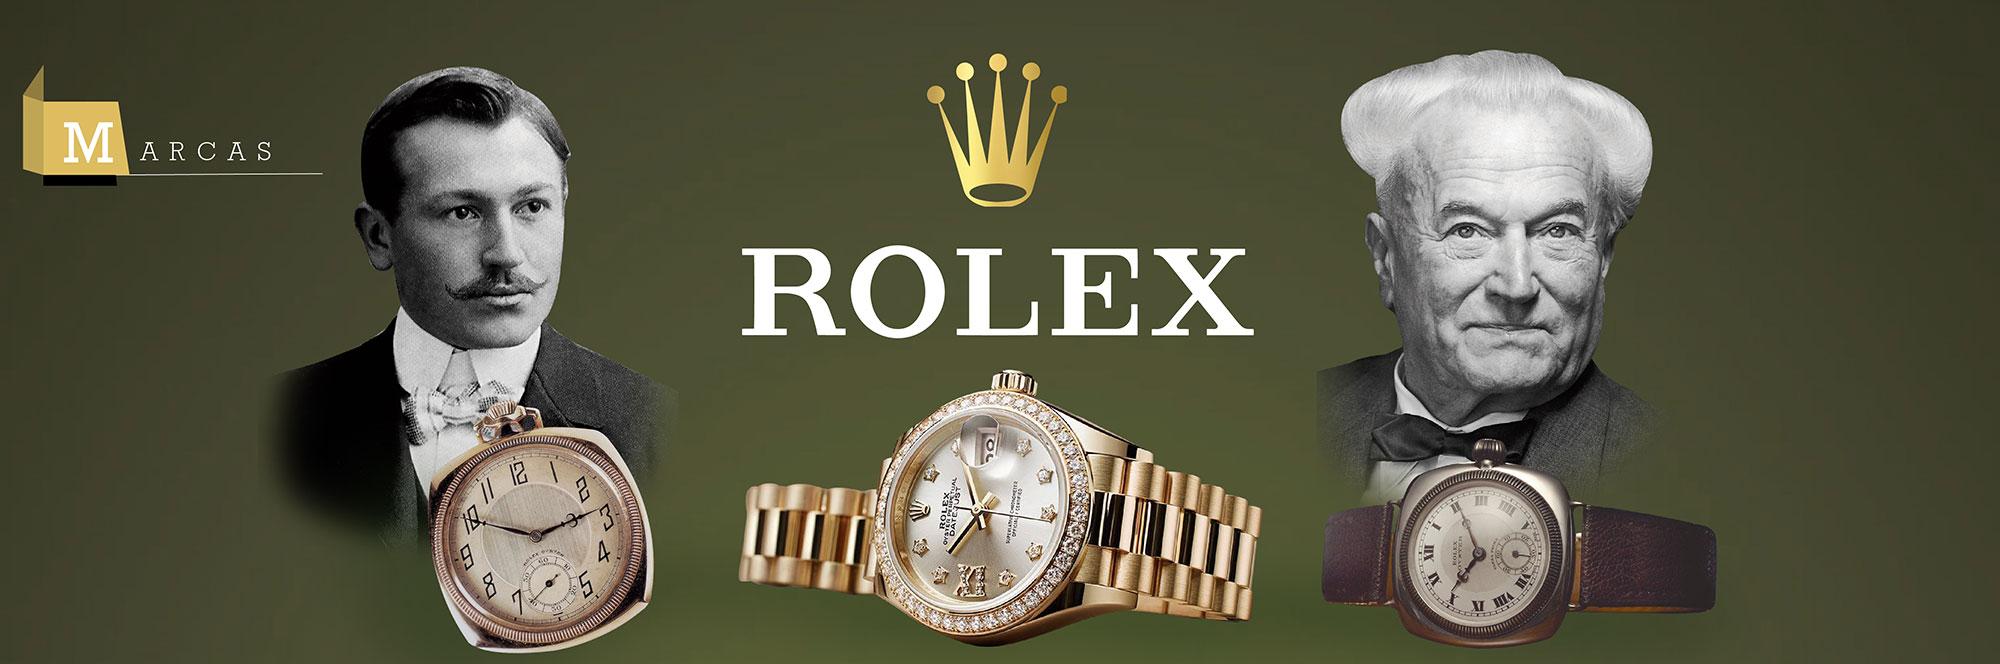 Rolex los relojes eternos Revista Avisos Efectivos Grupo Innova Arte Digital